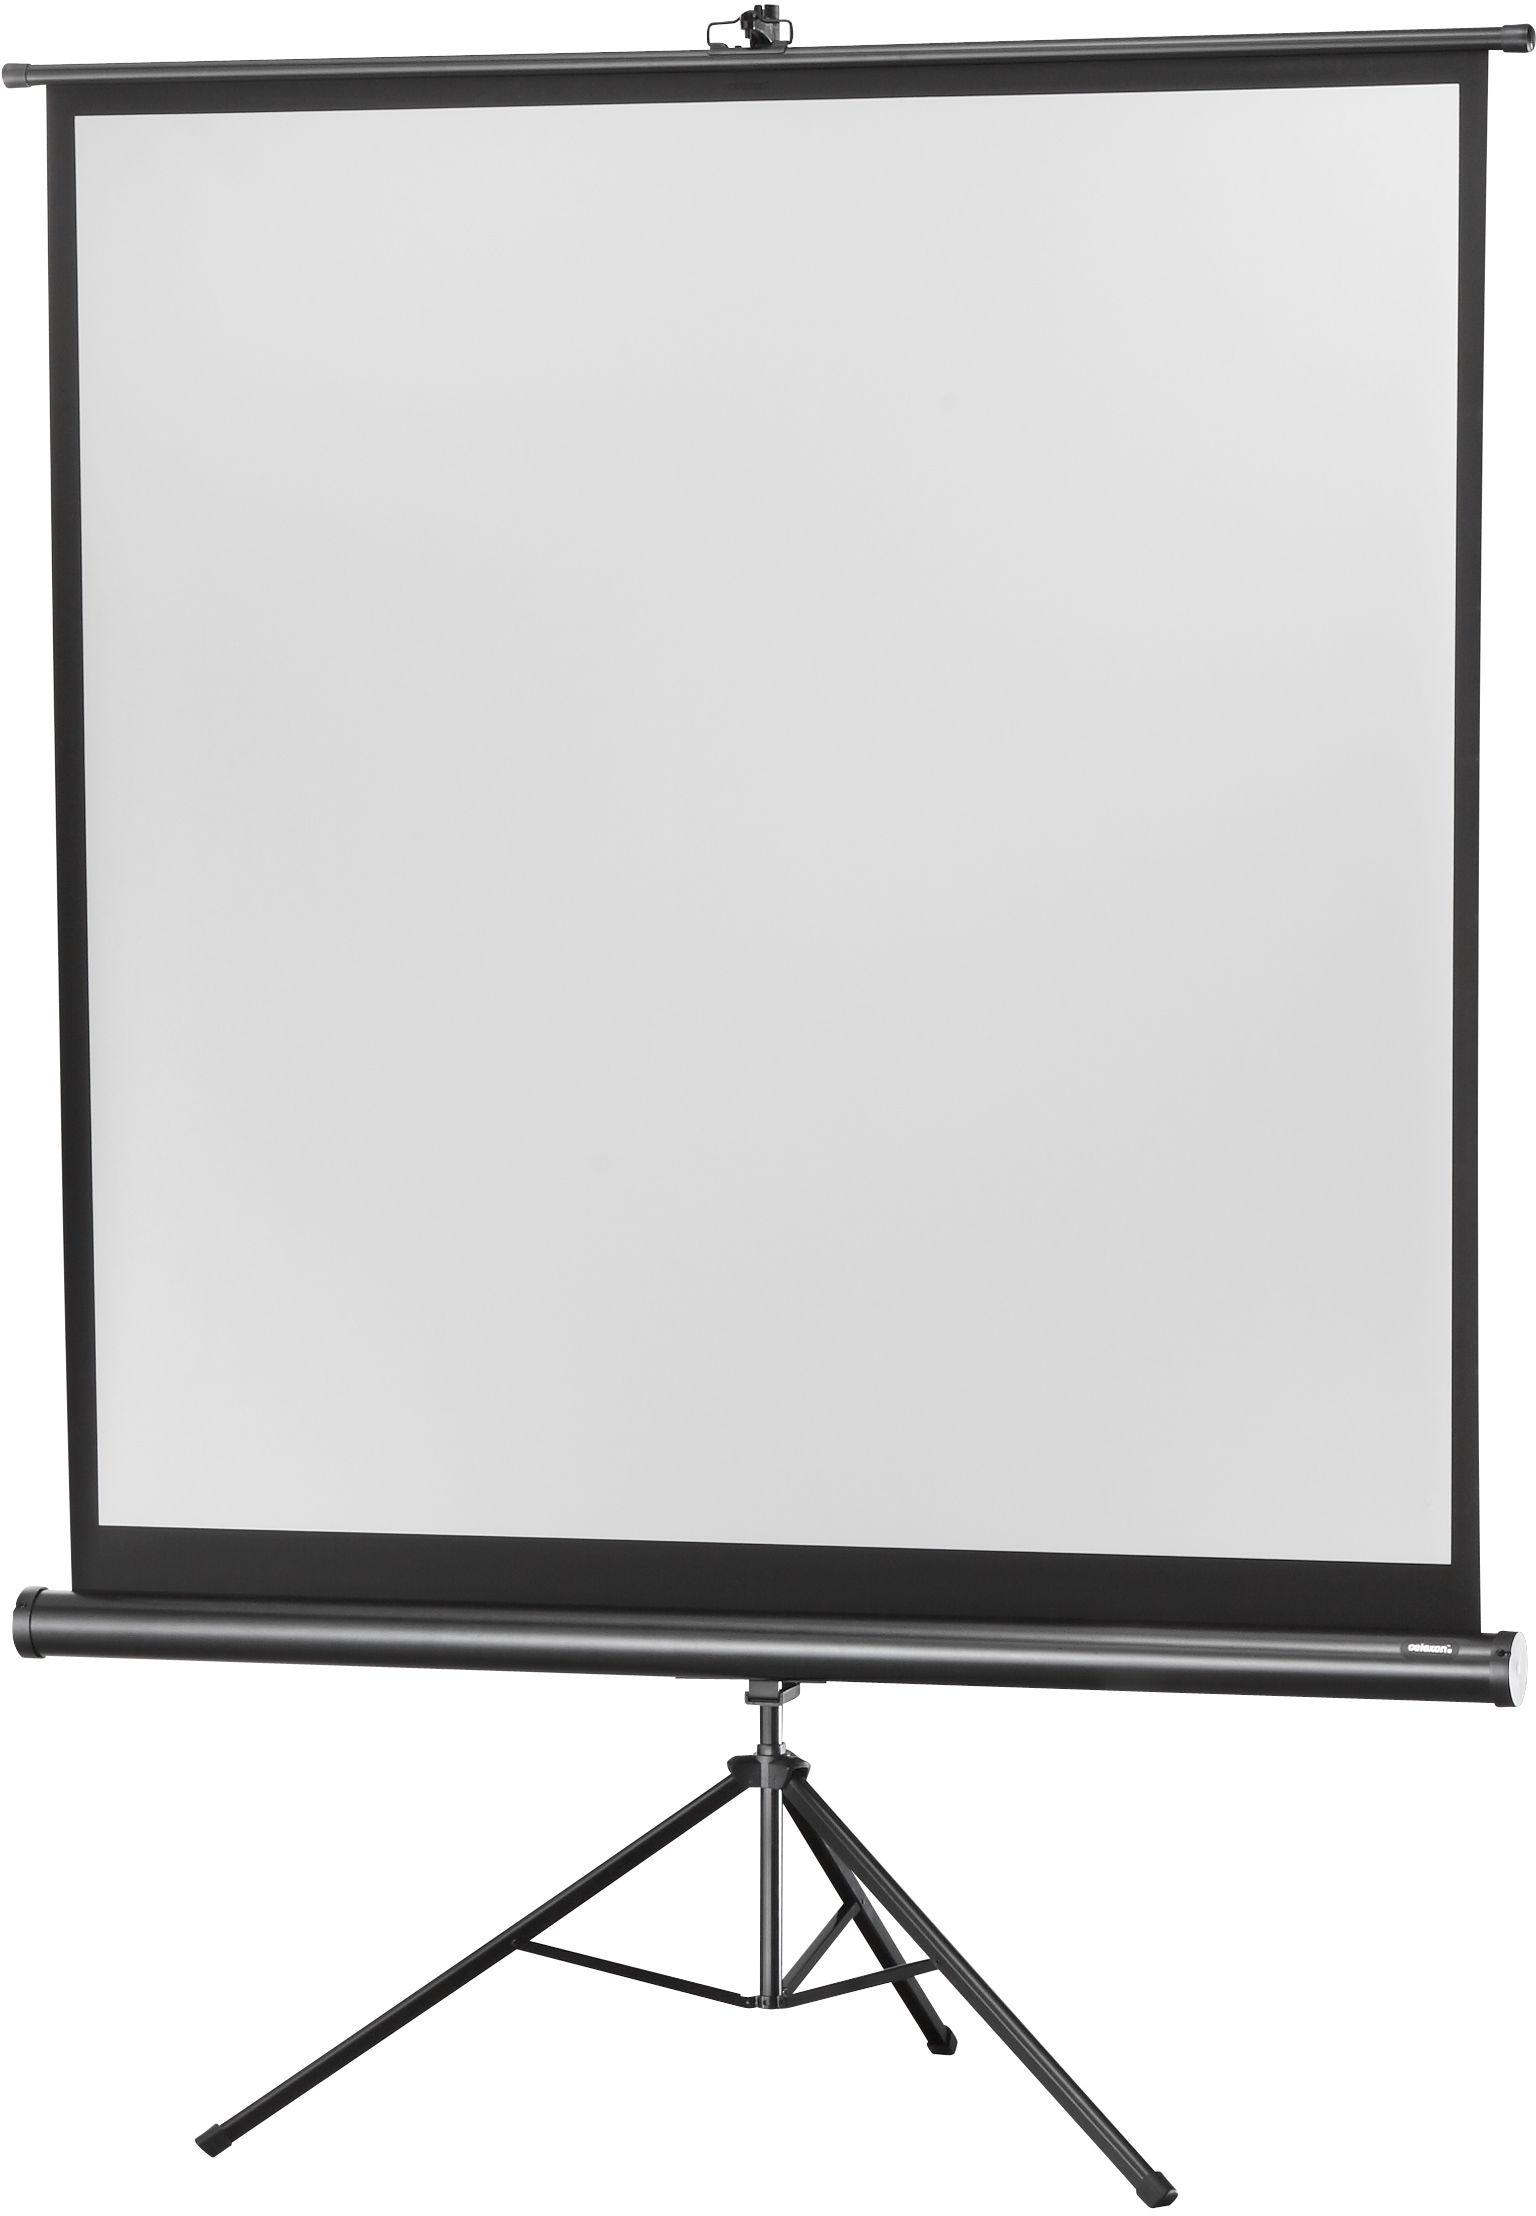 celexon Economy 244 x 244 cm ekran projekcyjny na trójnogu 1:1 (135) - Biala edycja